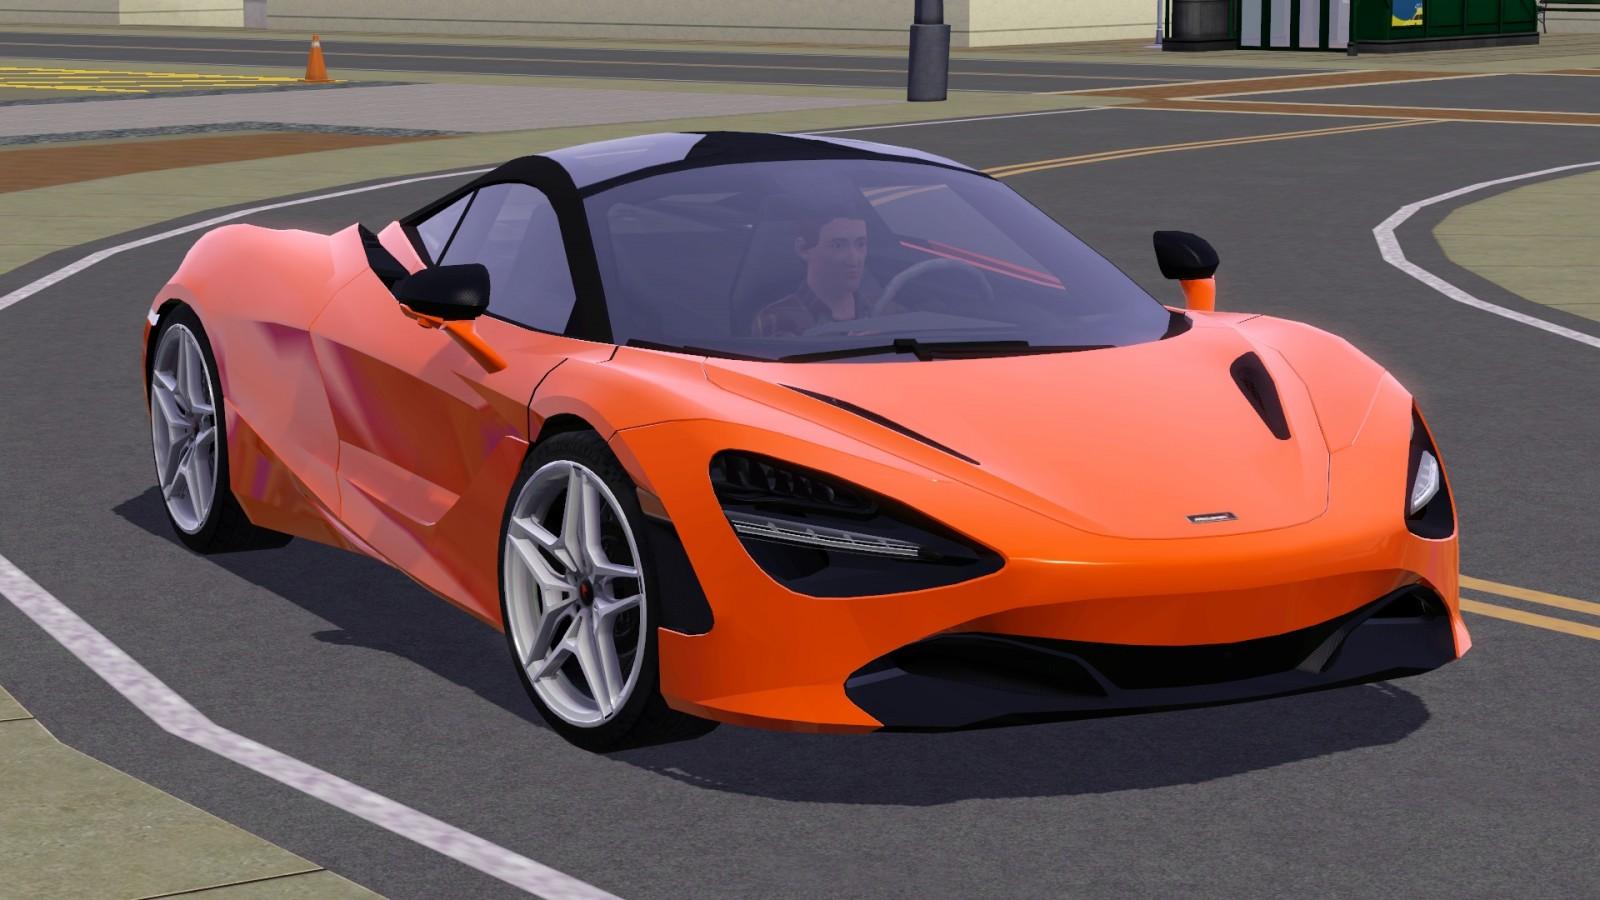 Mclaren 720s from Forza Motorsport 7